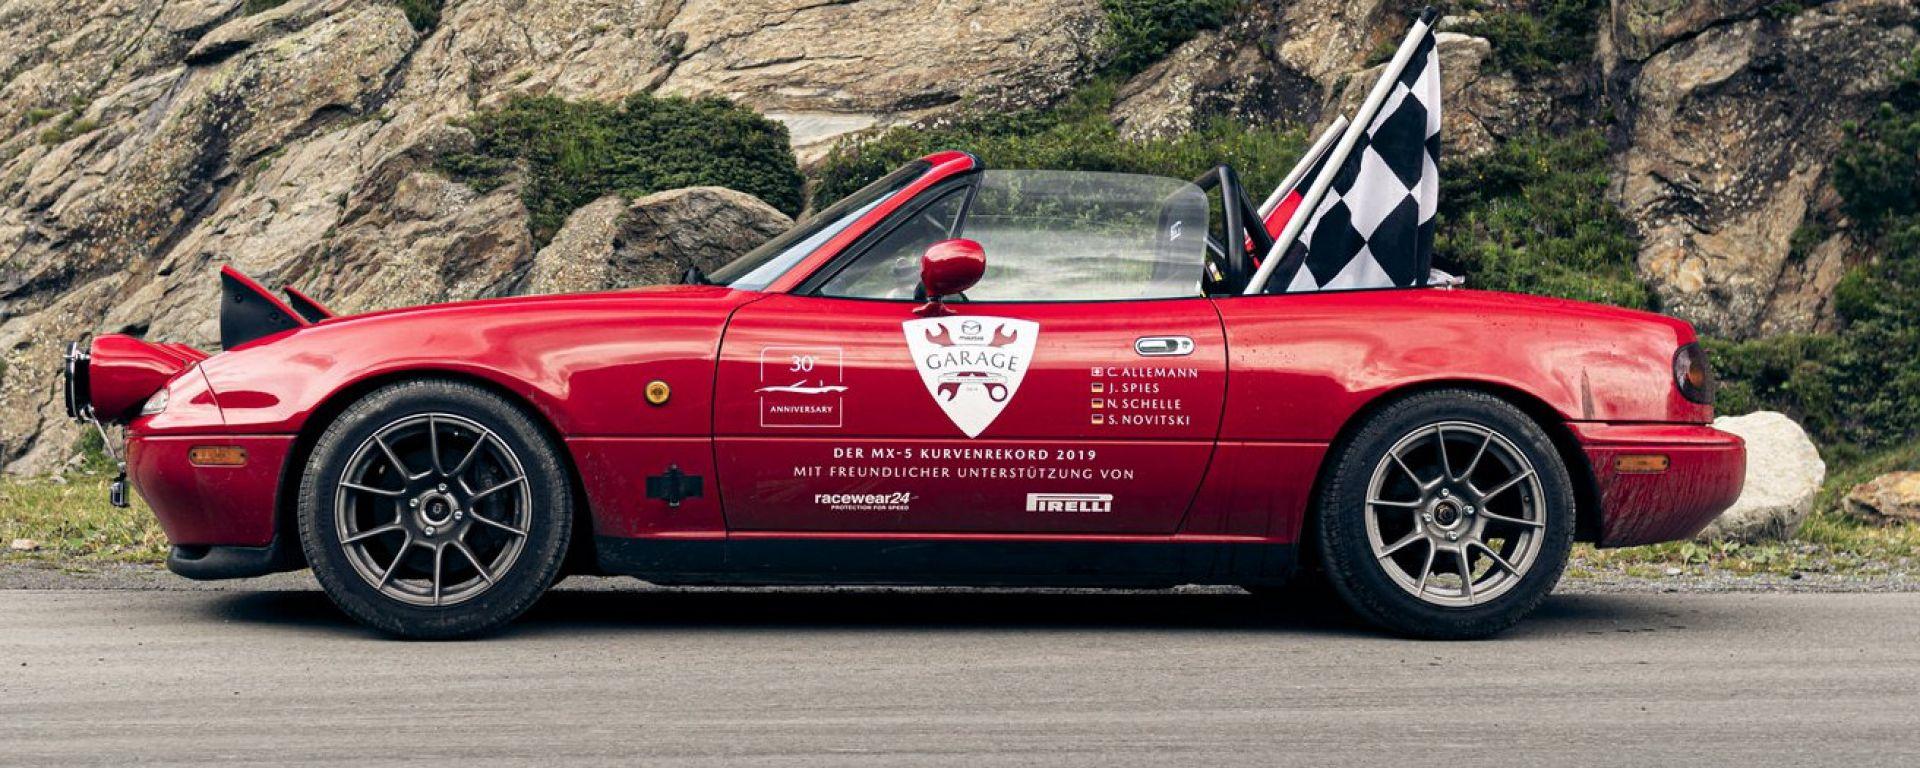 Mazda MX-5: nuovo record per i suoi 30 anni. La sfida